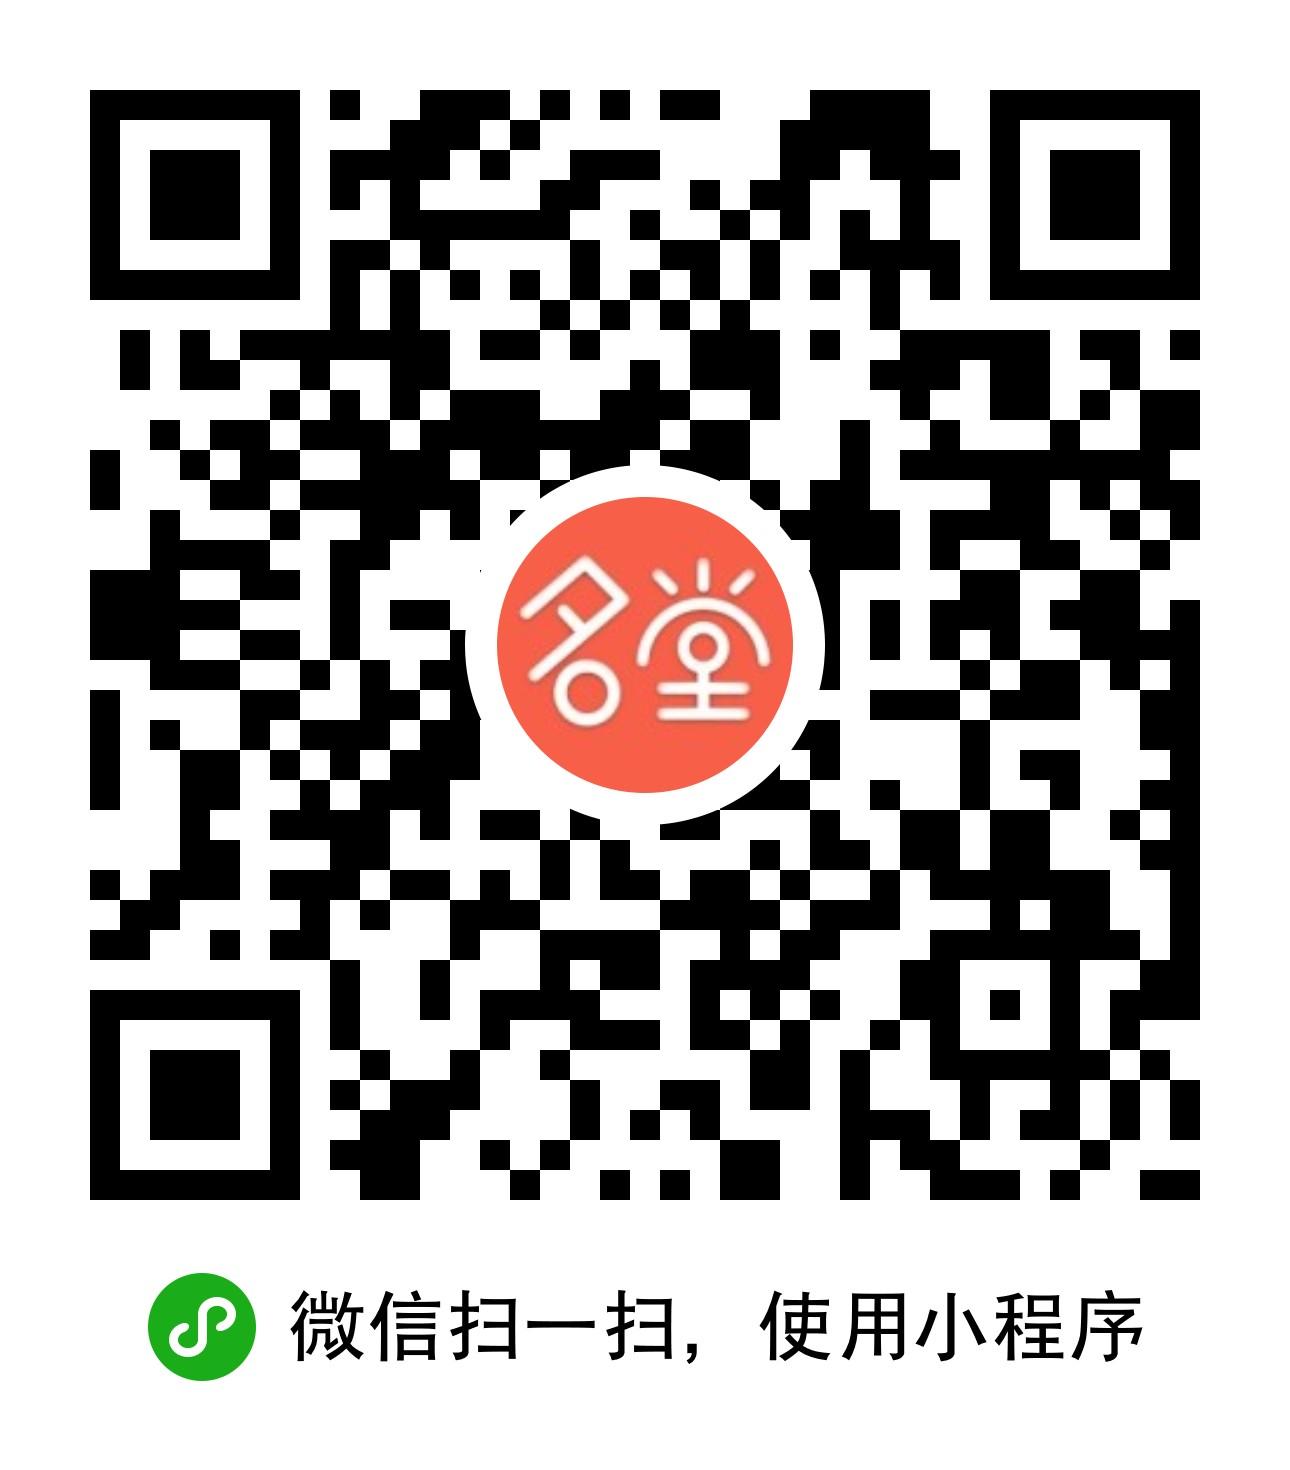 名堂-微信小程序二维码